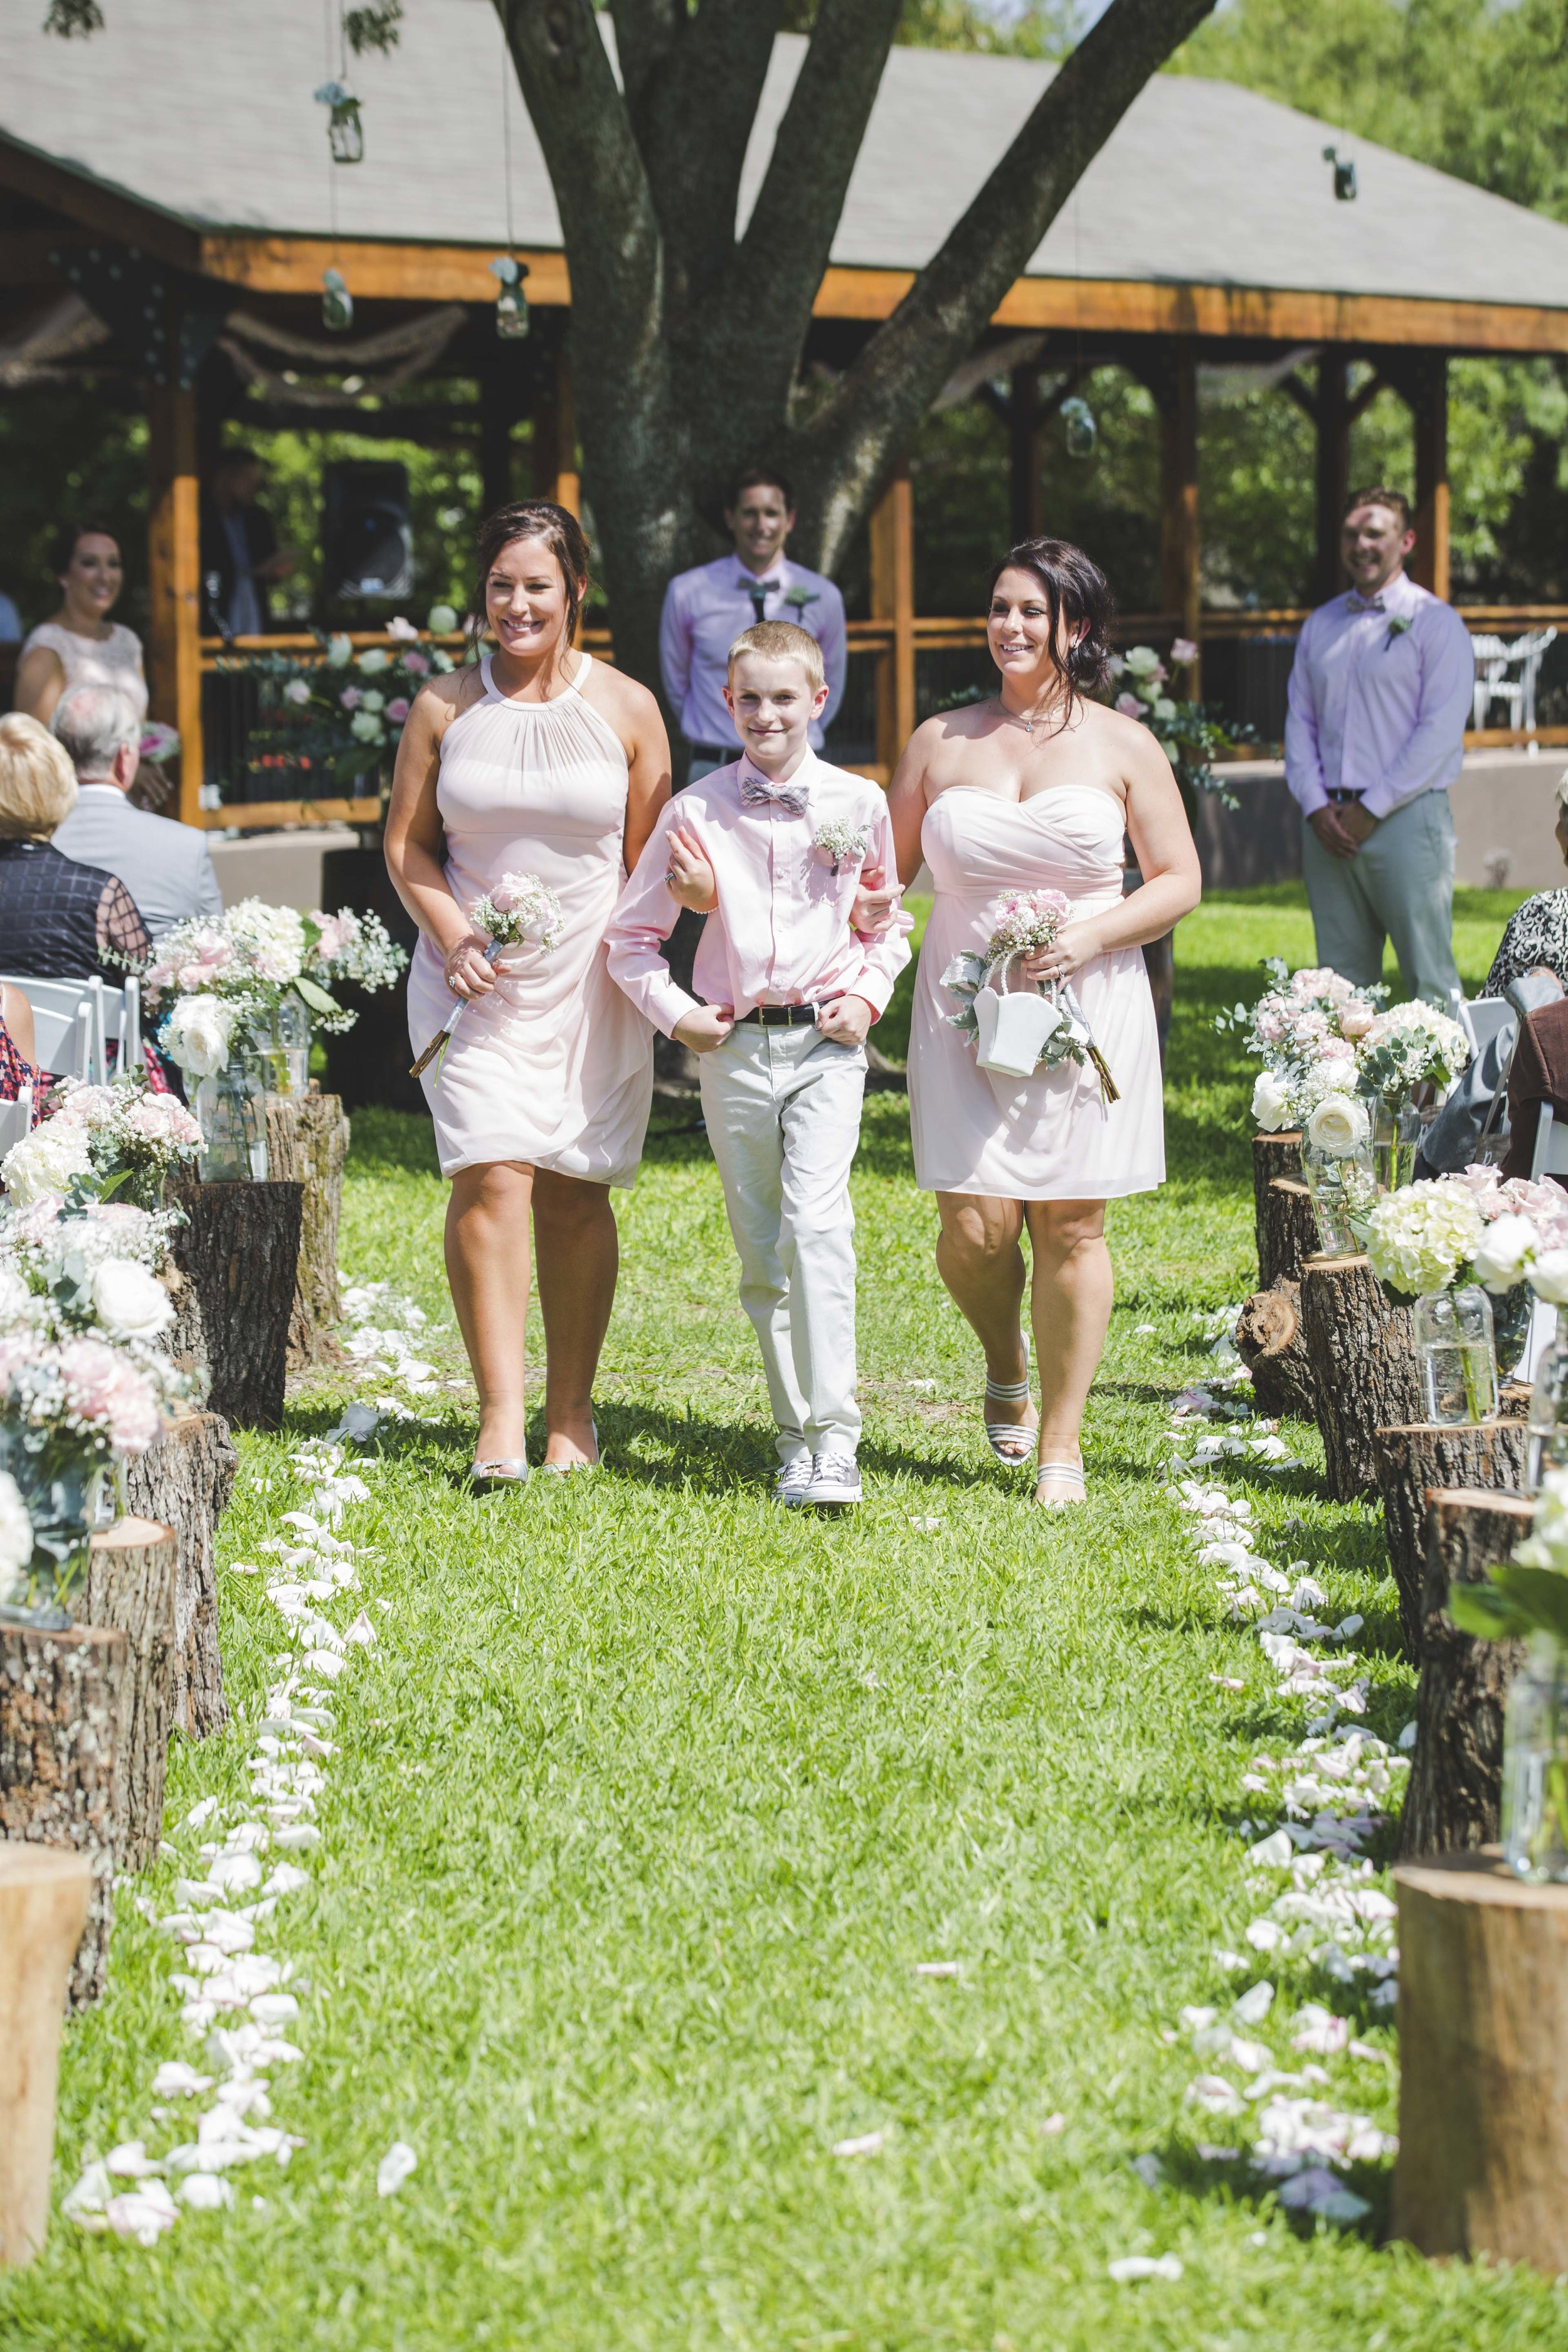 ATGI_Susanna & Matt Wedding_717A7885.jpg